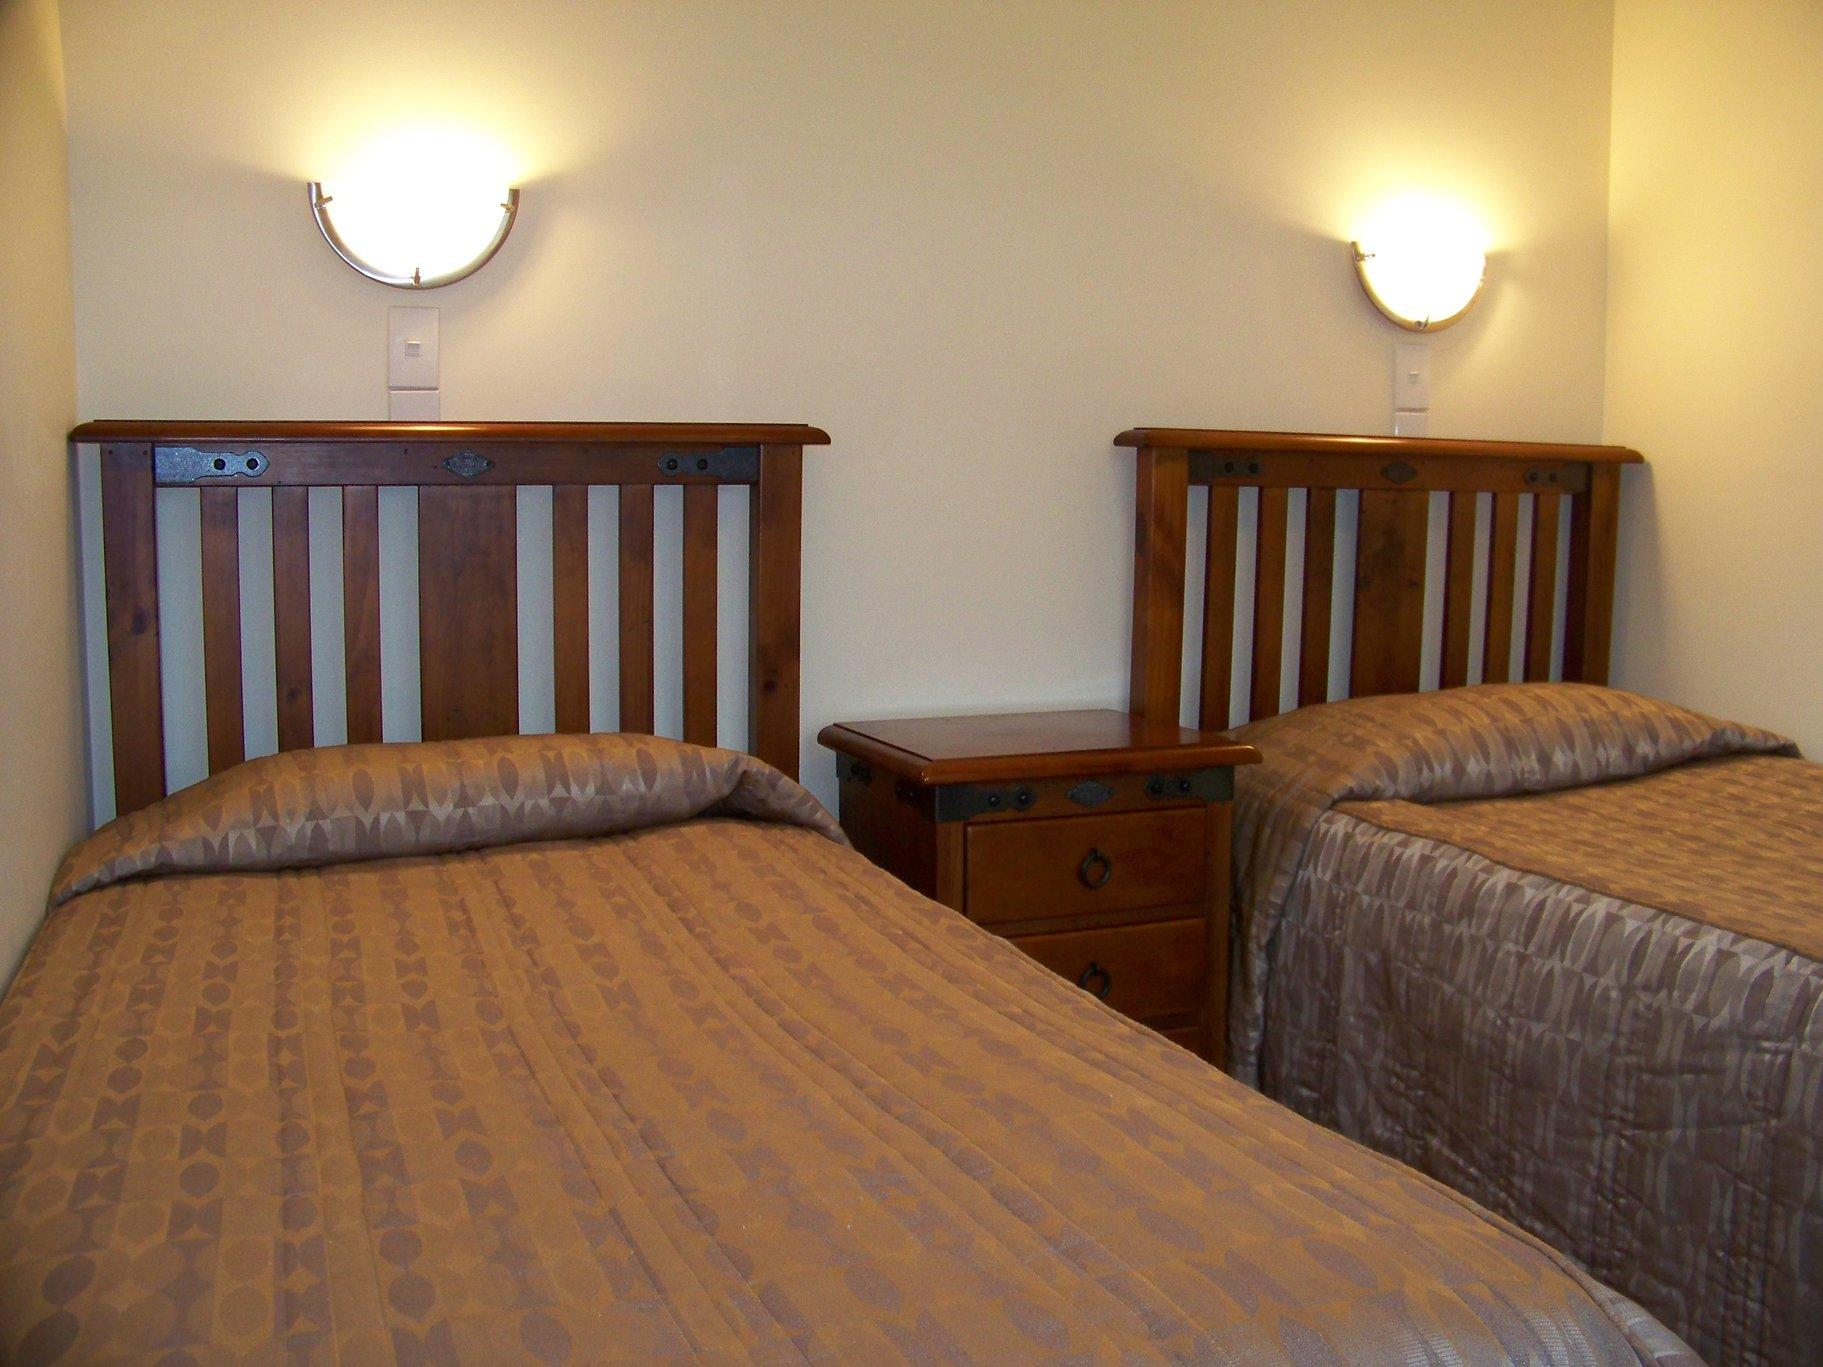 Aaron Court Motor Inn - Accommodation